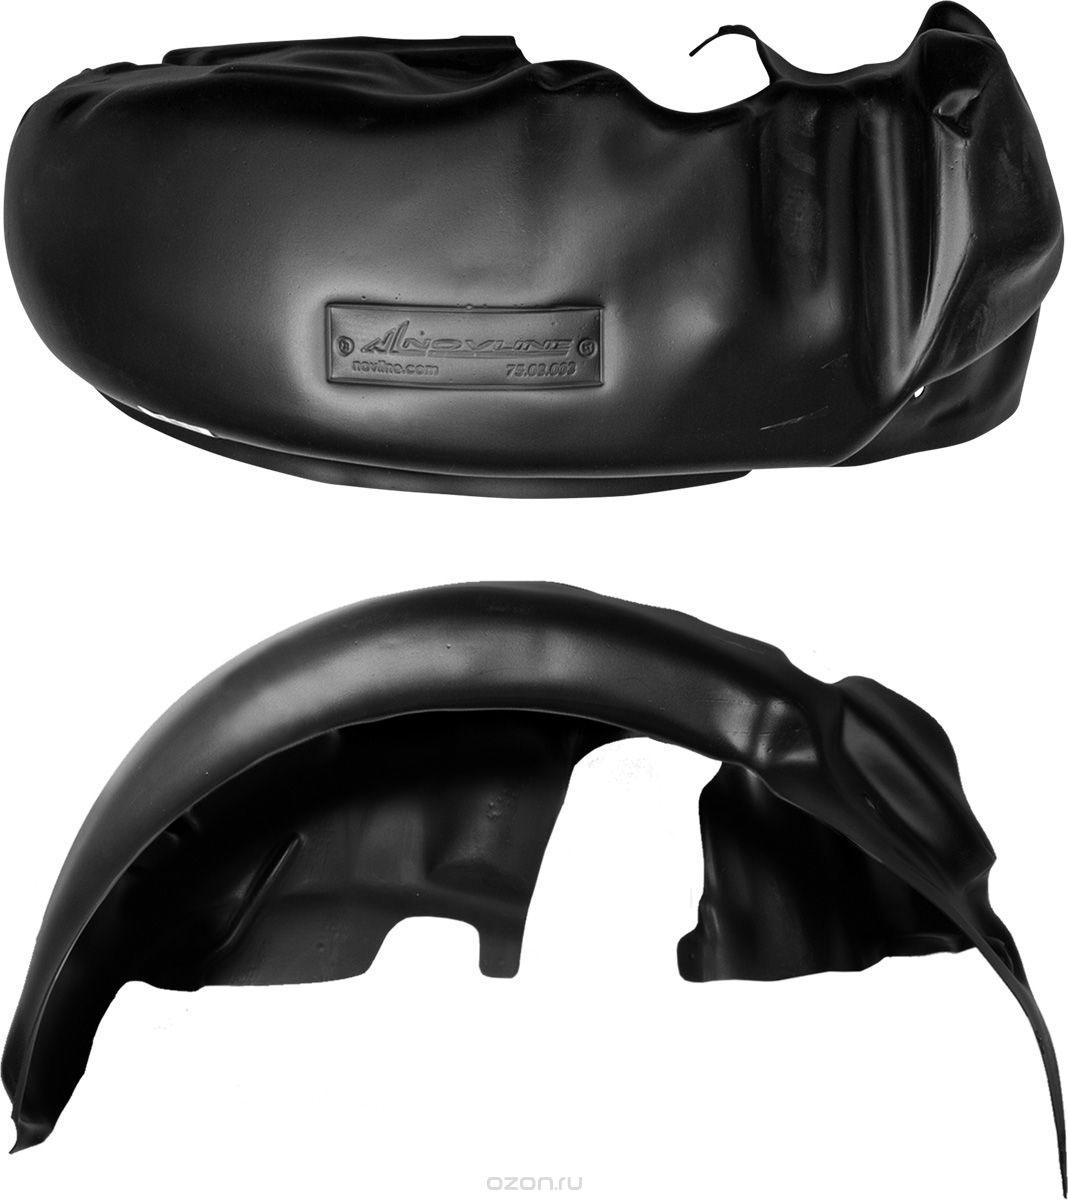 Подкрылок Novline-Autofamily, для TOYOTA Venza , 2013->, передний правый000414Идеальная защита колесной ниши. Локеры разработаны с применением цифровых технологий, гарантируют максимальную повторяемость поверхности арки. Изделия устанавливаются без нарушения лакокрасочного покрытия автомобиля, каждый подкрылок комплектуется крепежом. Уважаемые клиенты, обращаем ваше внимание, что фотографии на подкрылки универсальные и не отражают реальную форму изделия. При этом само изделие идет точно под размер указанного автомобиля.